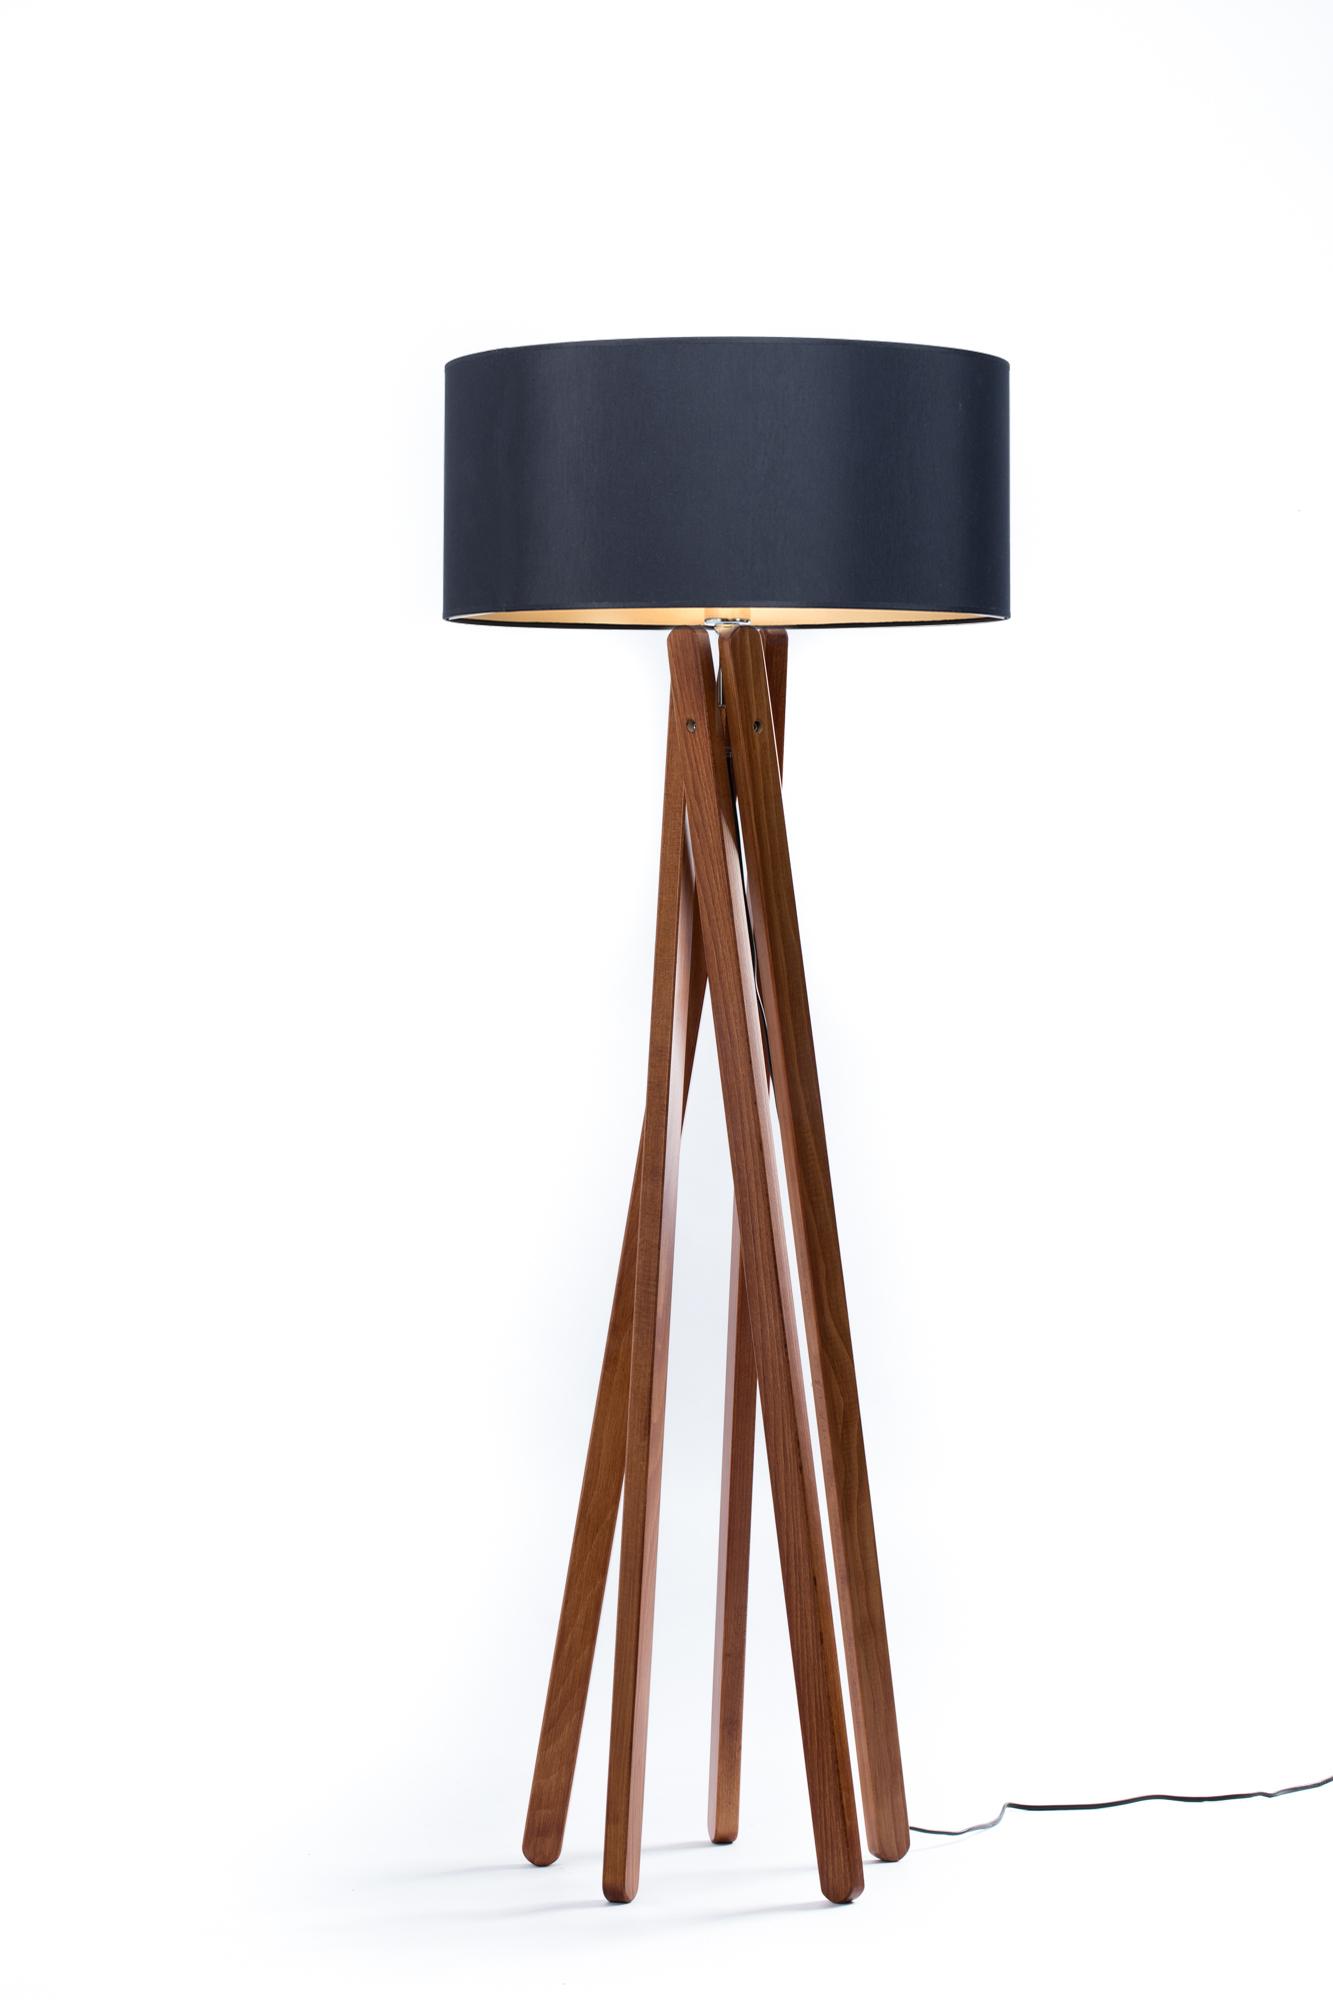 Full Size of Wohnzimmer Stehlampe Poco Stehlampen Modern Holz Dimmbar Ikea Led Stativ Stehleuchte Ebba Nussbaum Schwarz Gold Deckenlampen Beleuchtung Wandbild Anbauwand Wohnzimmer Wohnzimmer Stehlampe